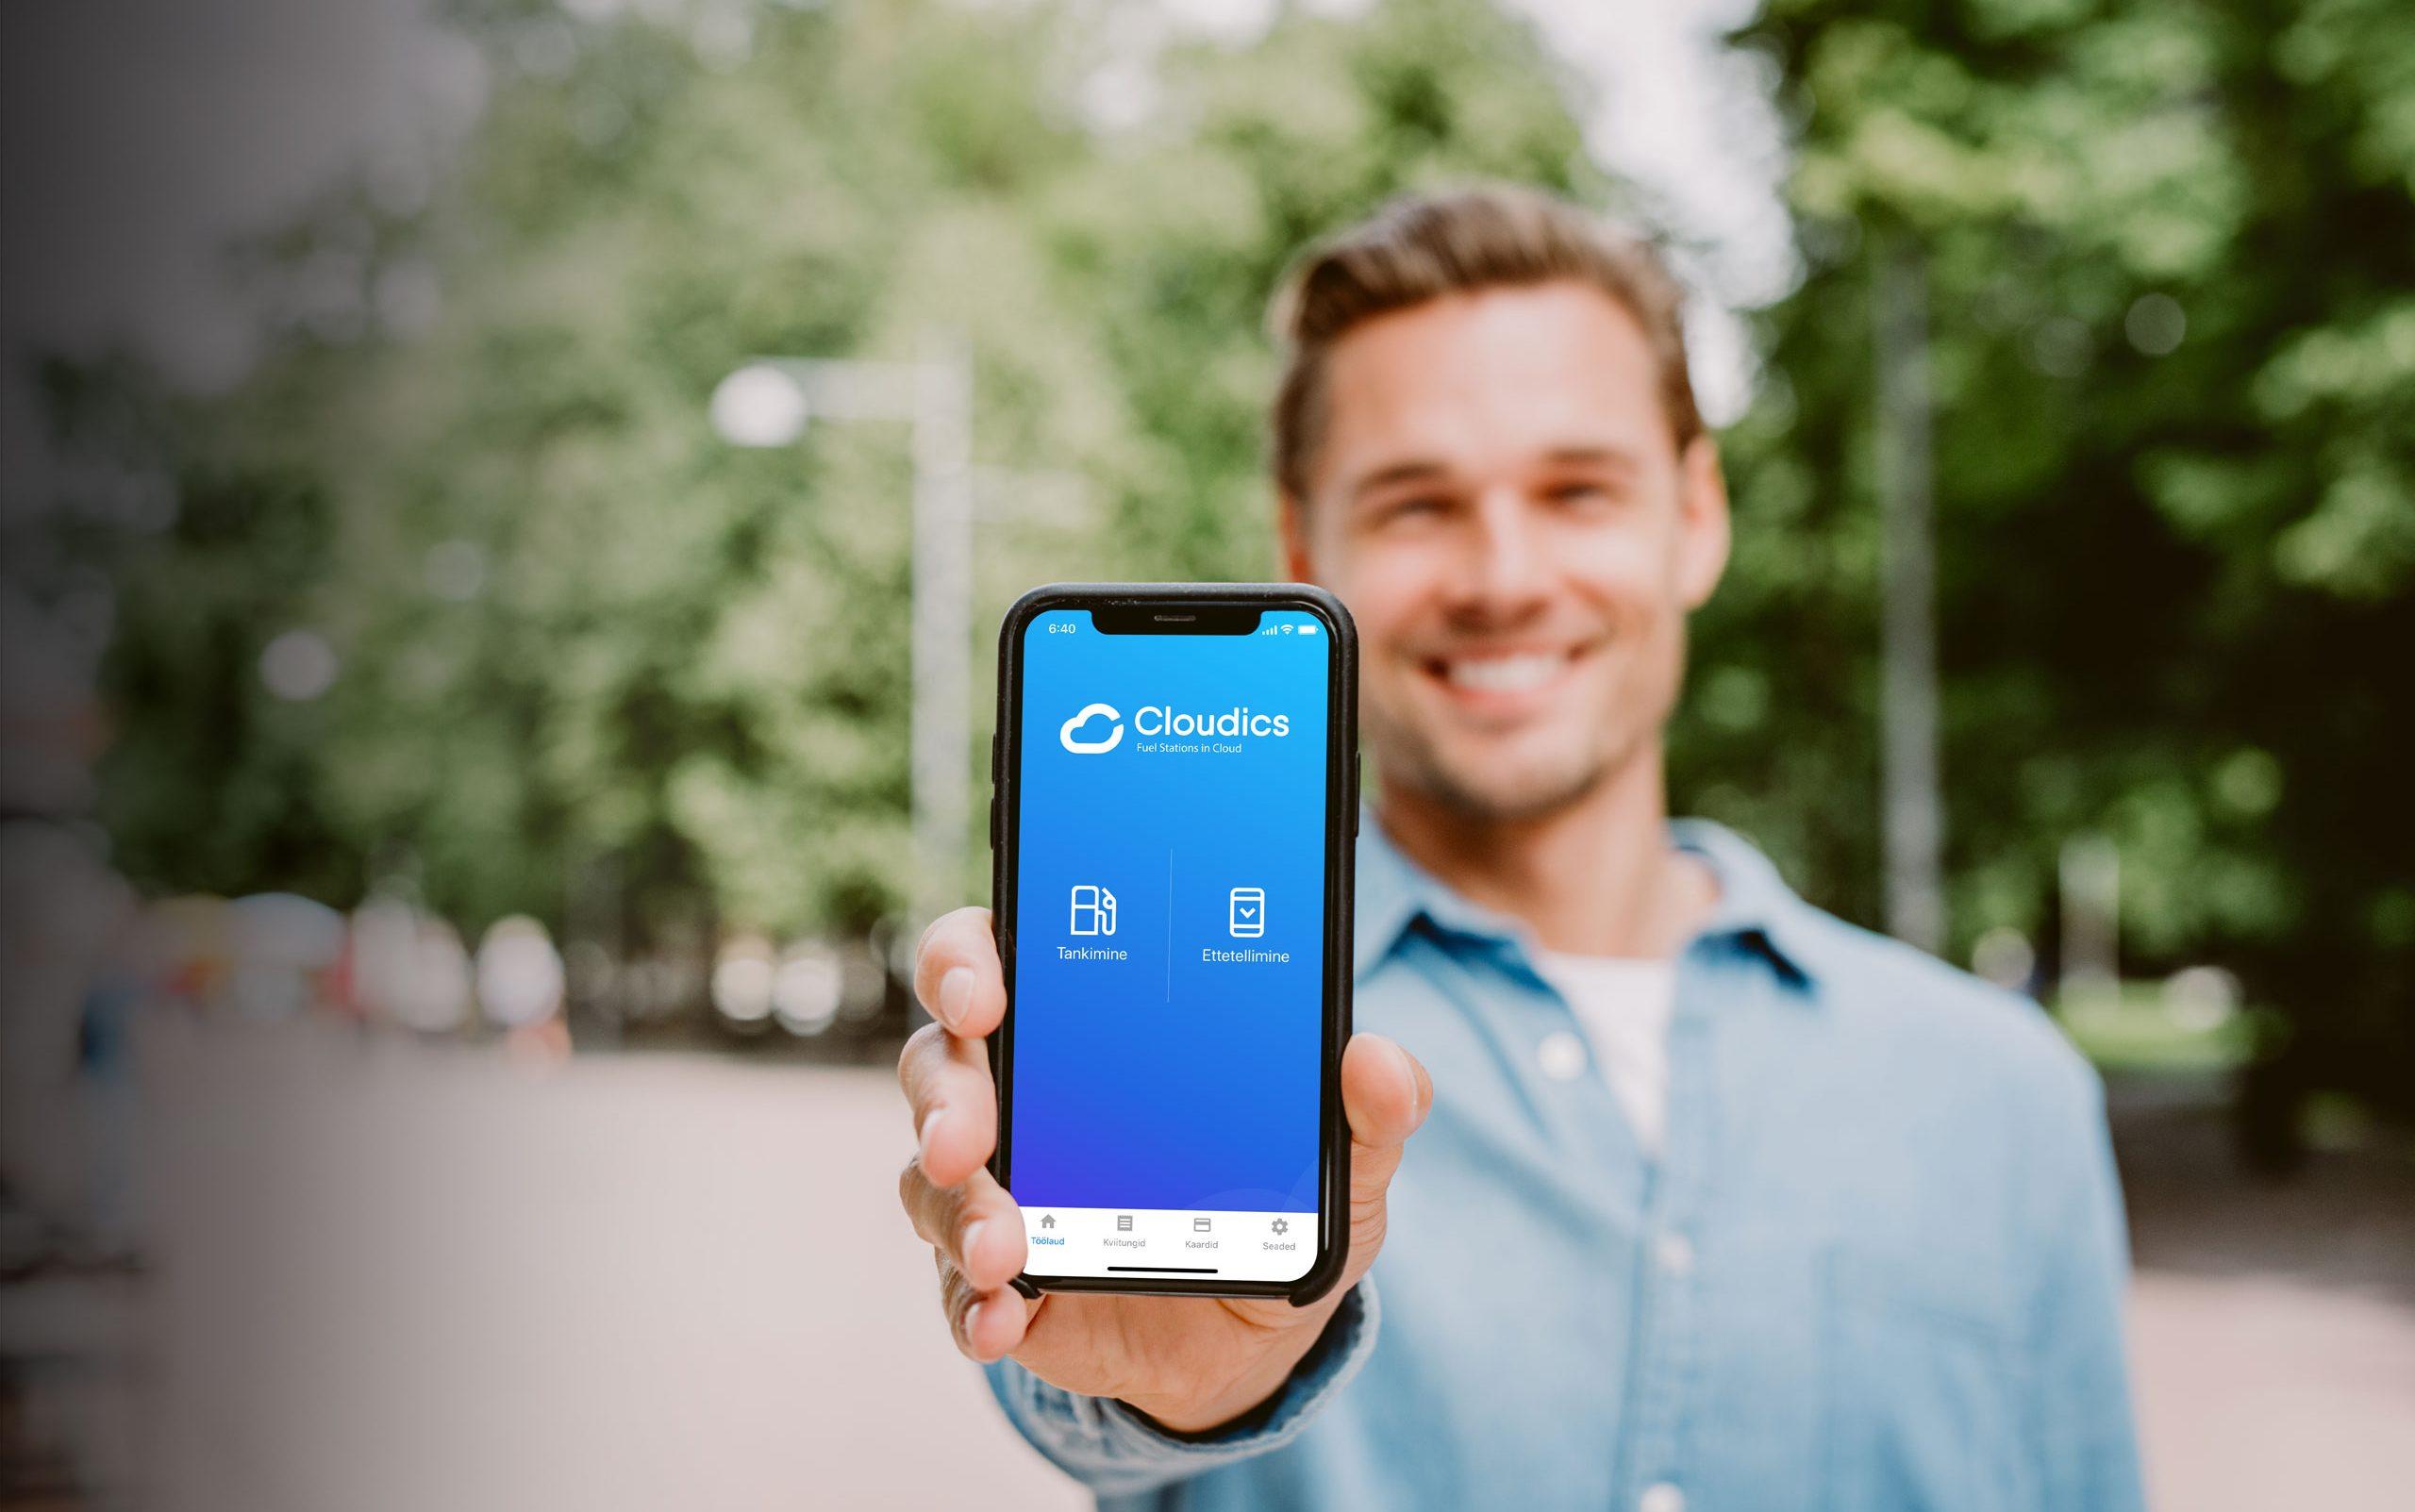 Cloudics mobiilne makselahendus ja app